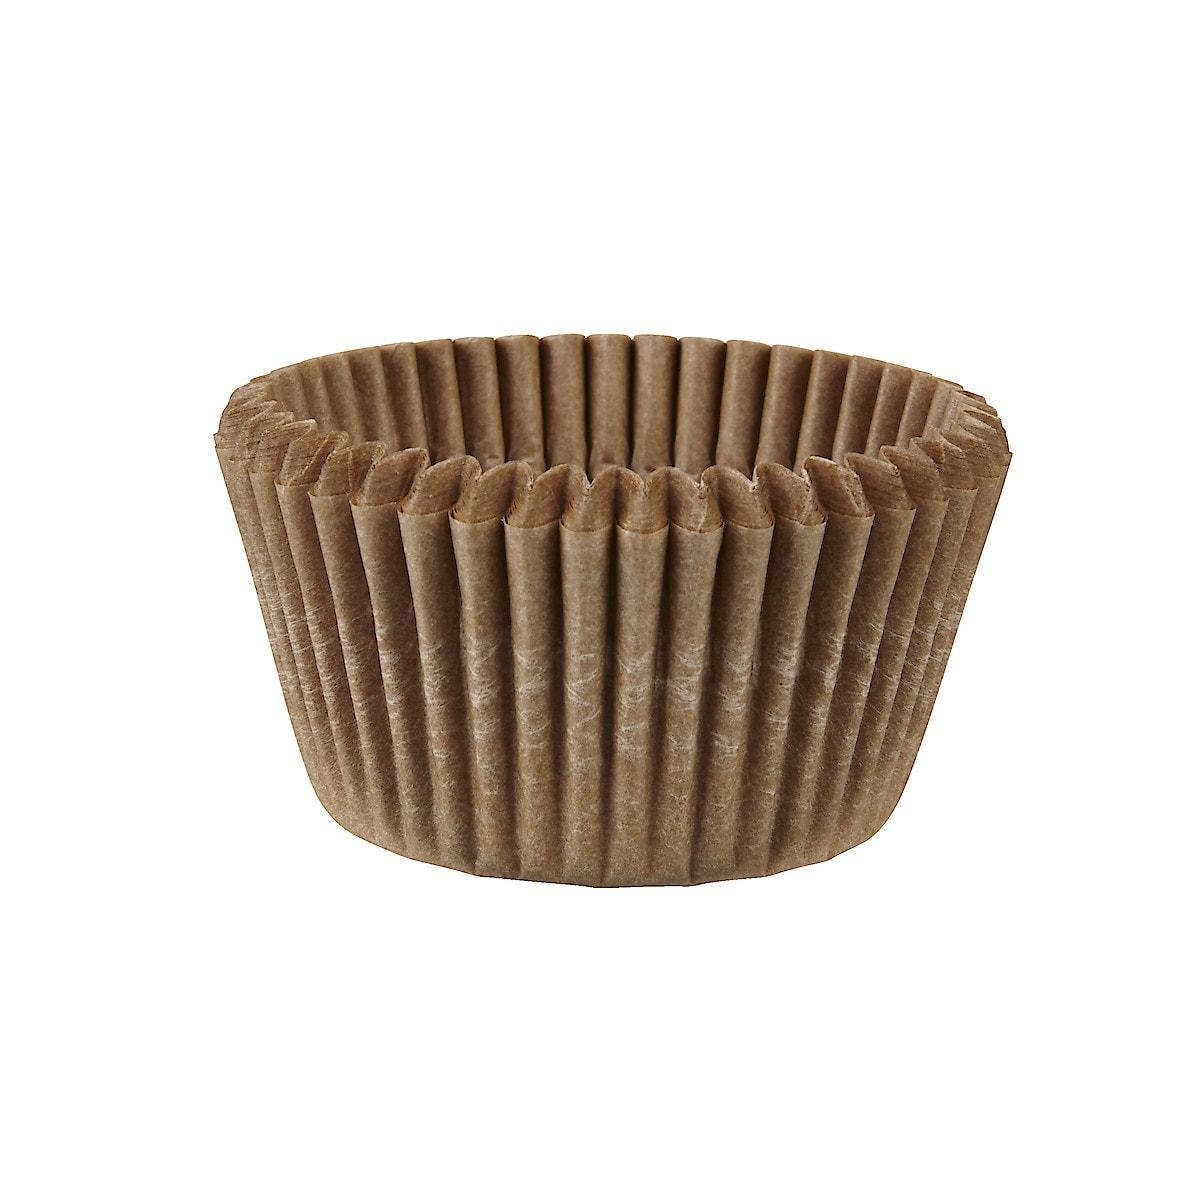 Muffinssivuoka Nature